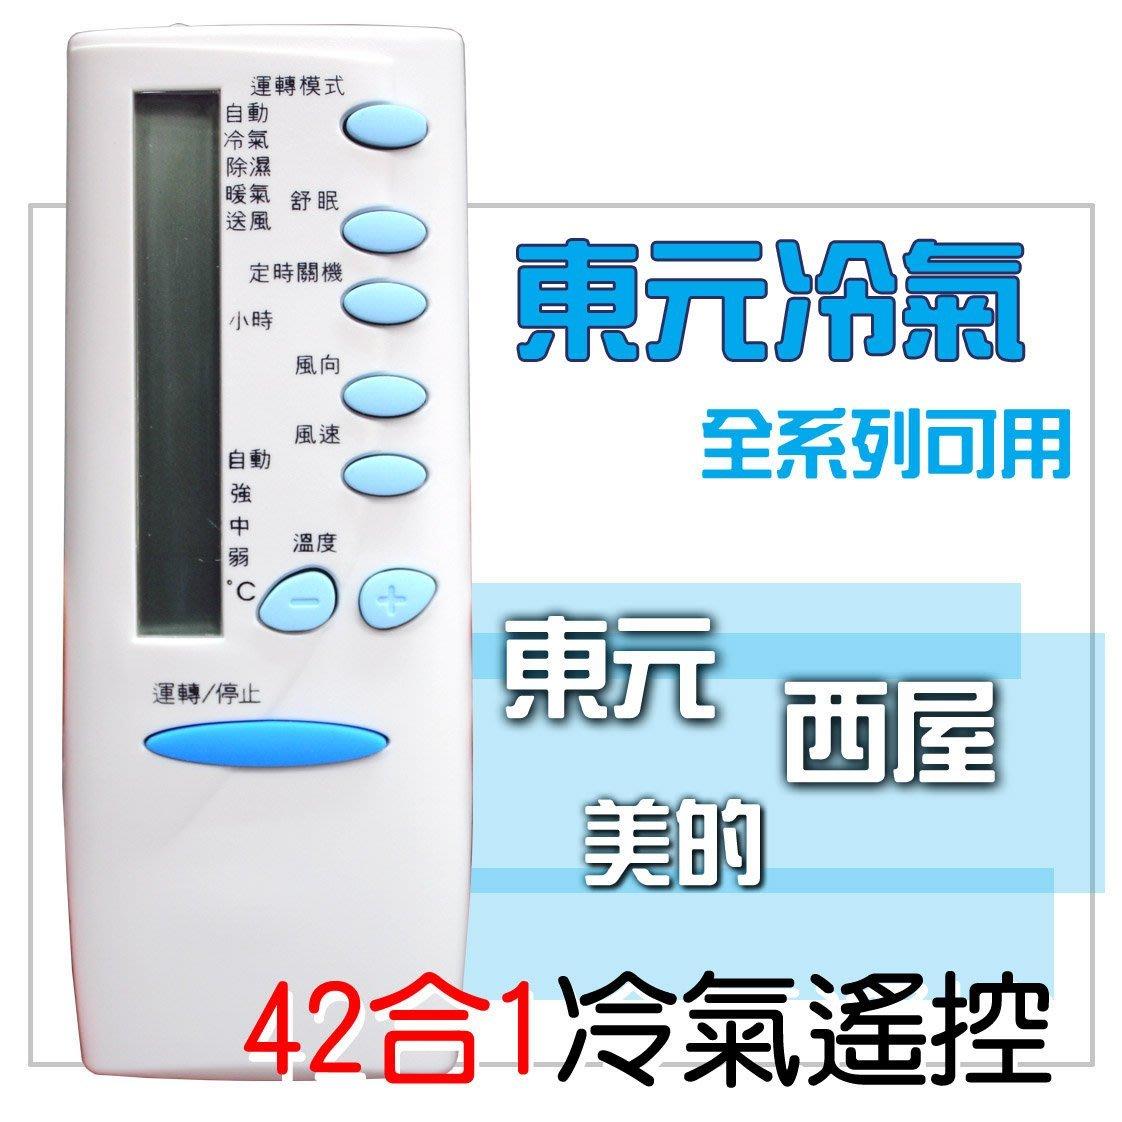 [現貨] TECO 東元冷氣遙控器 42合1不問型號全系列可用 西屋冷氣遙控器 海信 美的 海爾 東元變頻冷氣搖控器